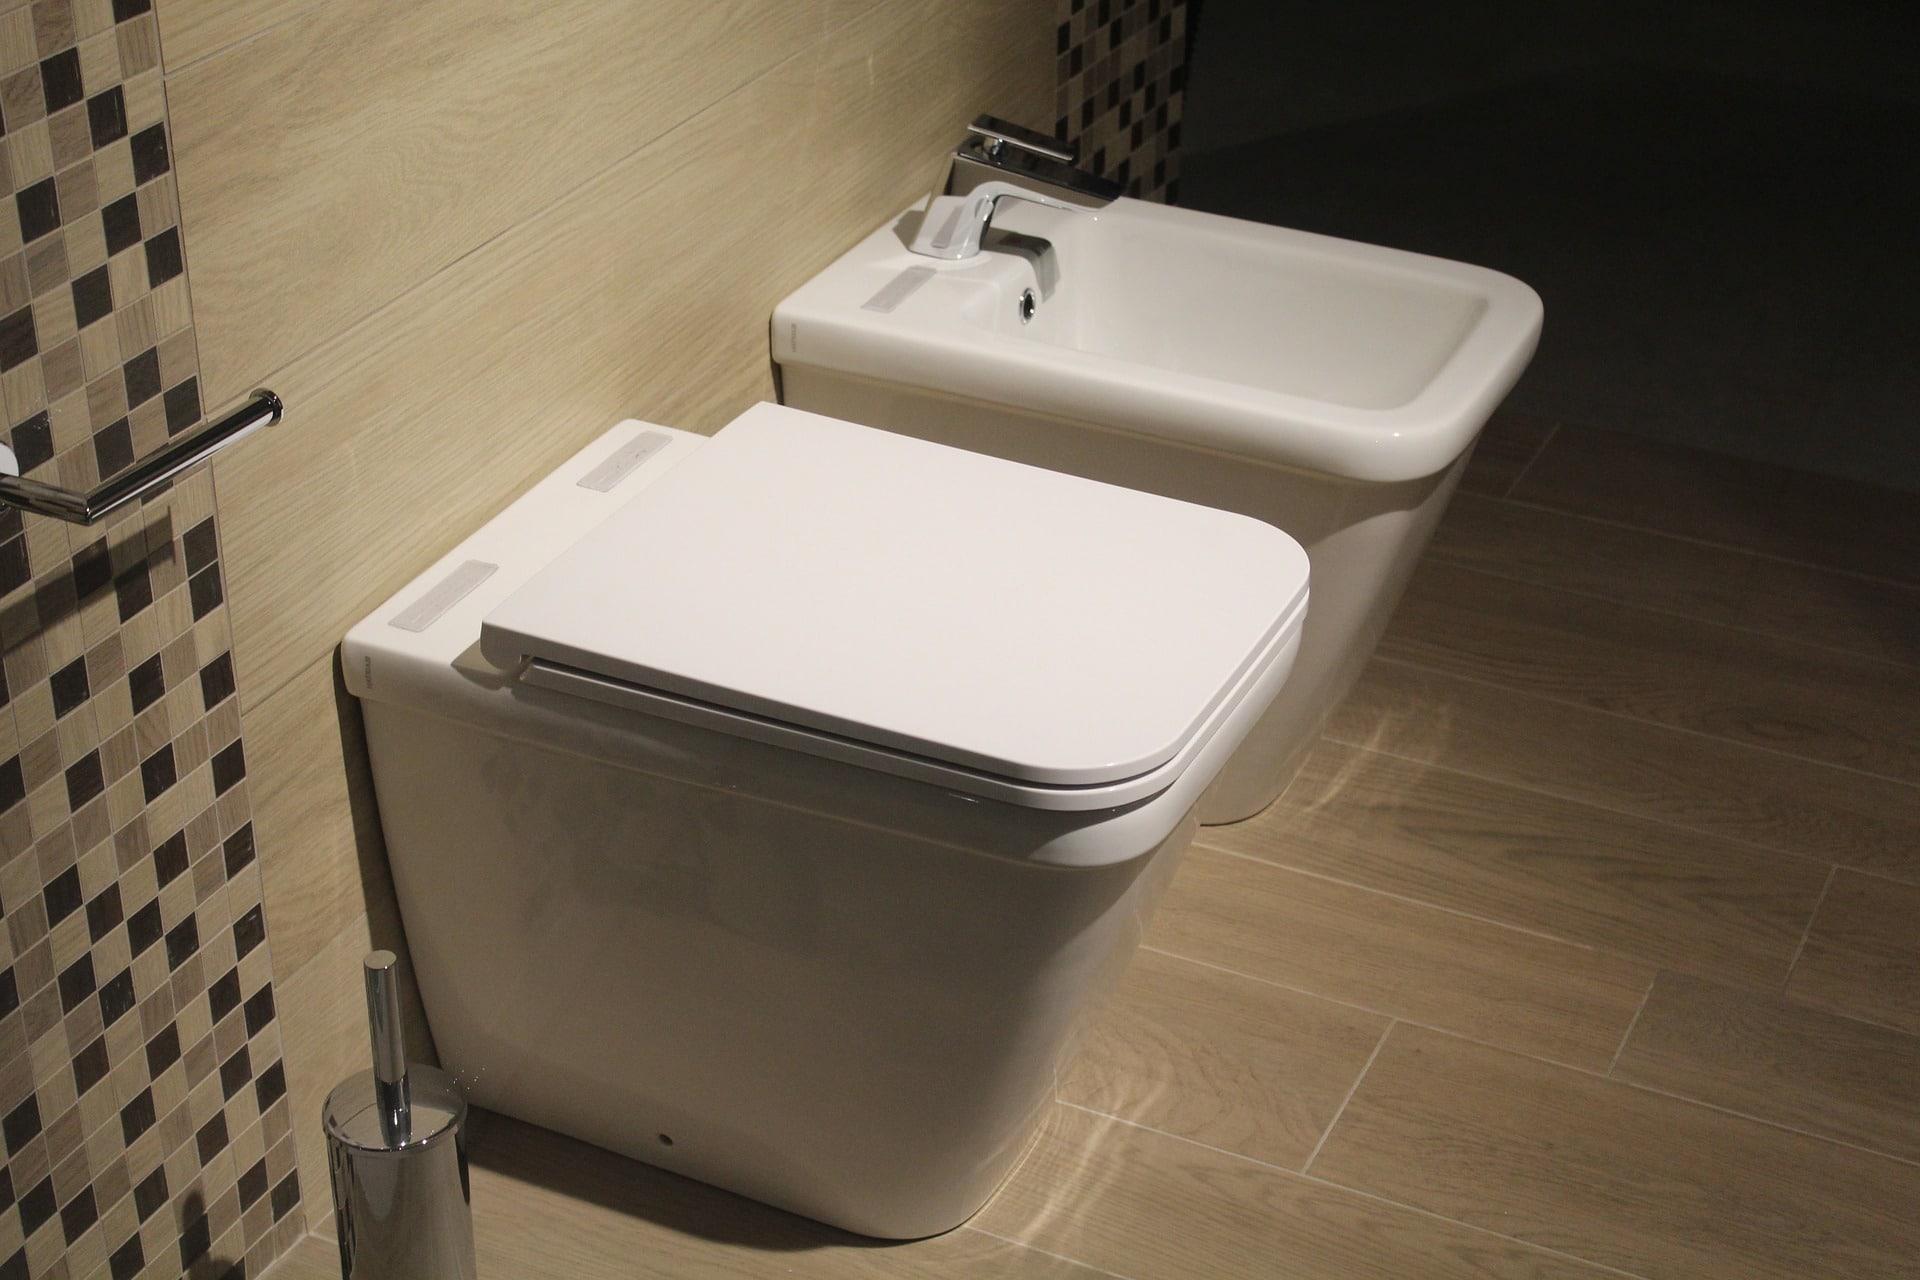 Changer Une Cuvette De Wc comment changer un abattant de wc ? - mon coach brico